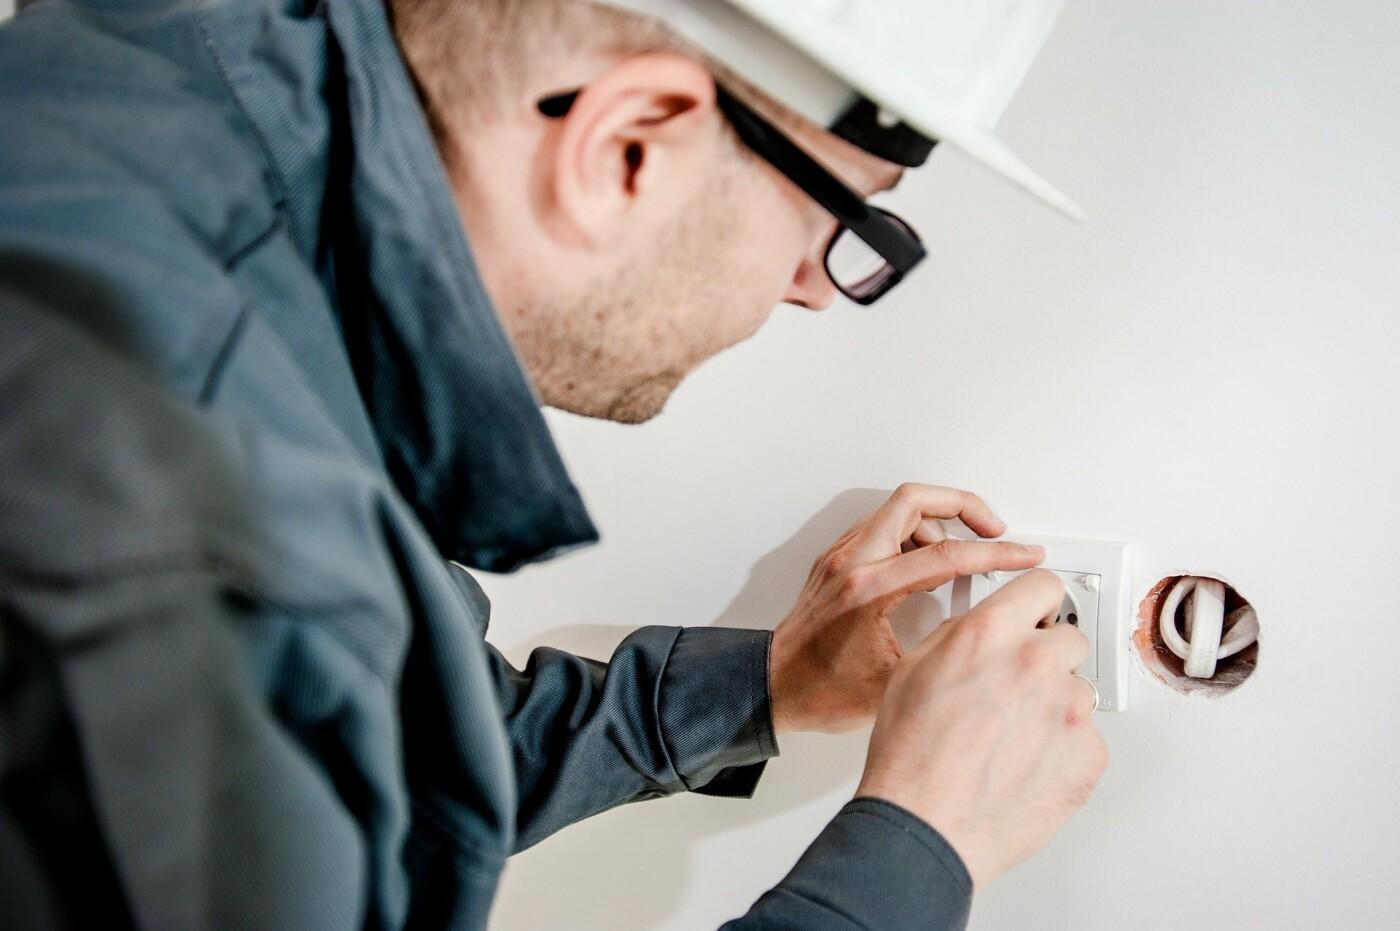 Сколько зарабатывают специалисты рабочих профессий в Херсоне?, фото-1